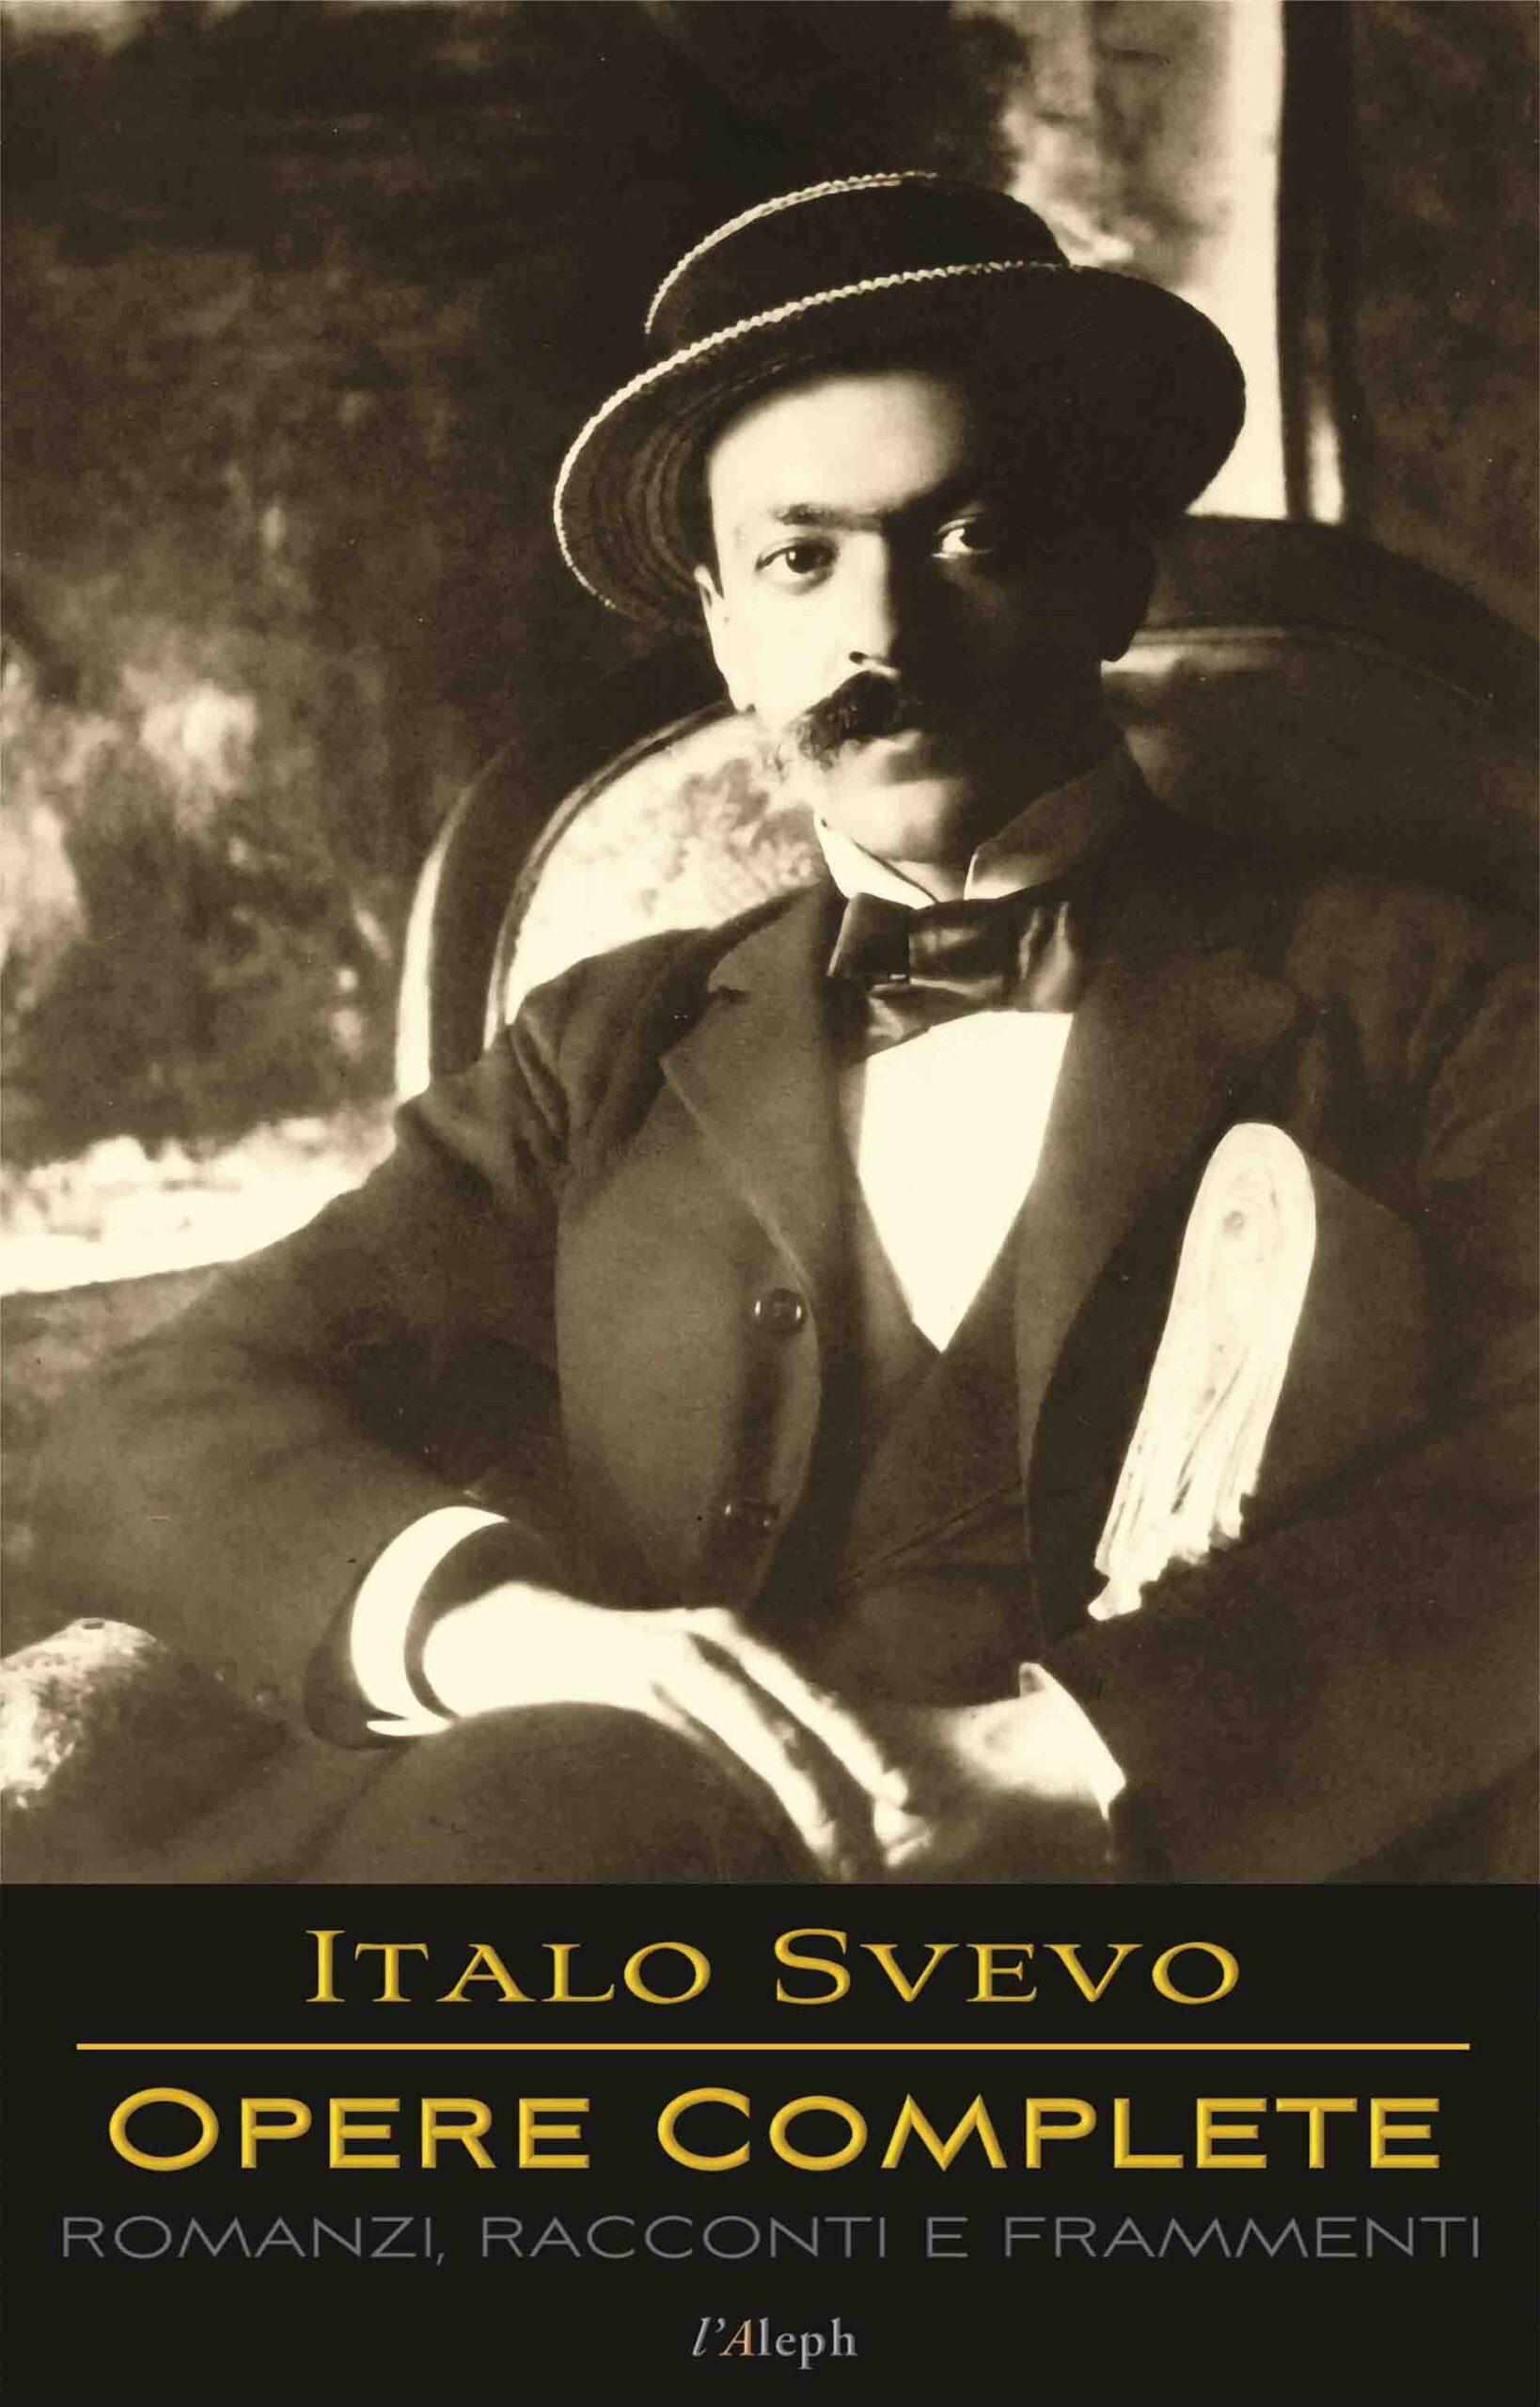 Italo Svevo: Opere Complete – Romanzi, Racconti e Frammenti